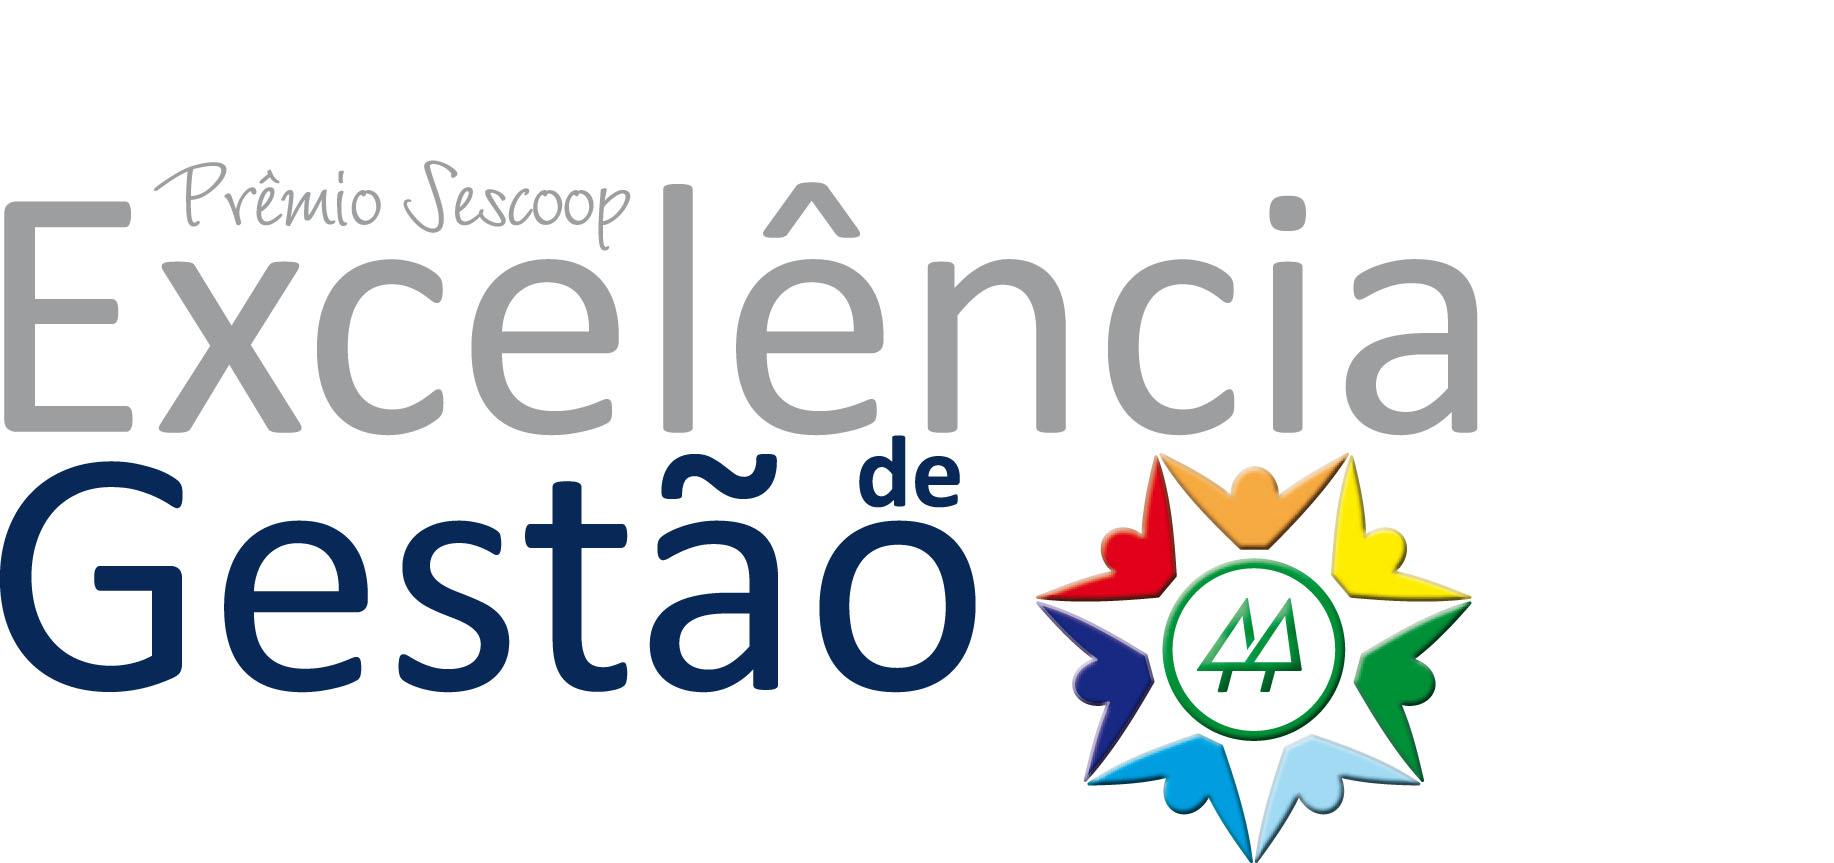 Sescoop Nacional premia cooperativas com melhor gestão